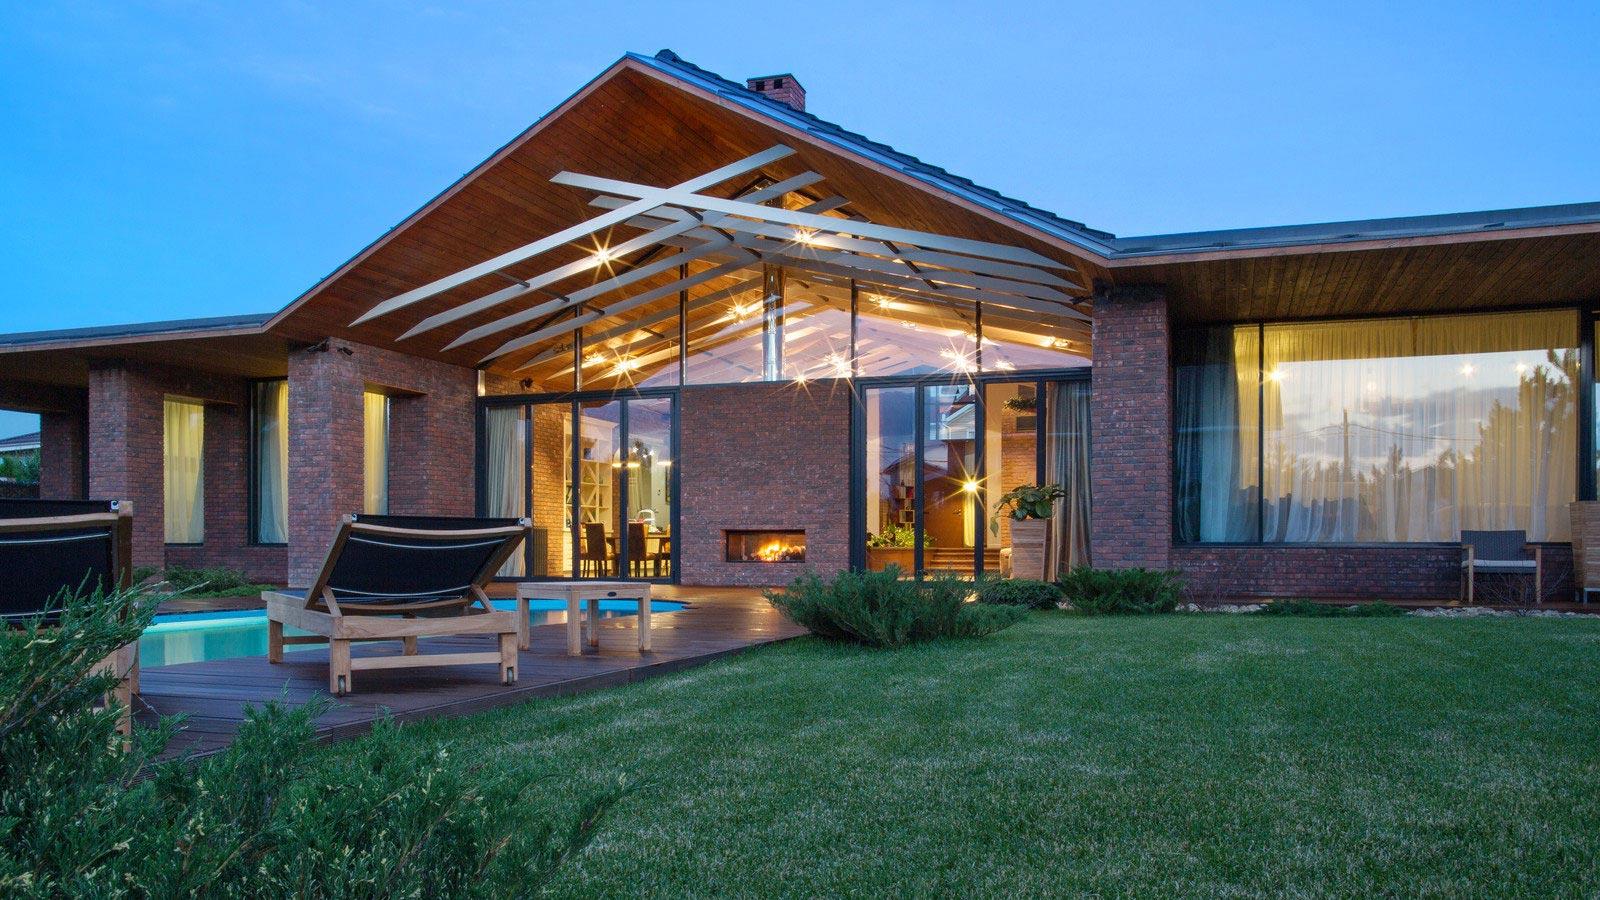 Casa de un piso de 390 metros cuadrados construye hogar for Design contemporaneo di una casa a un piano